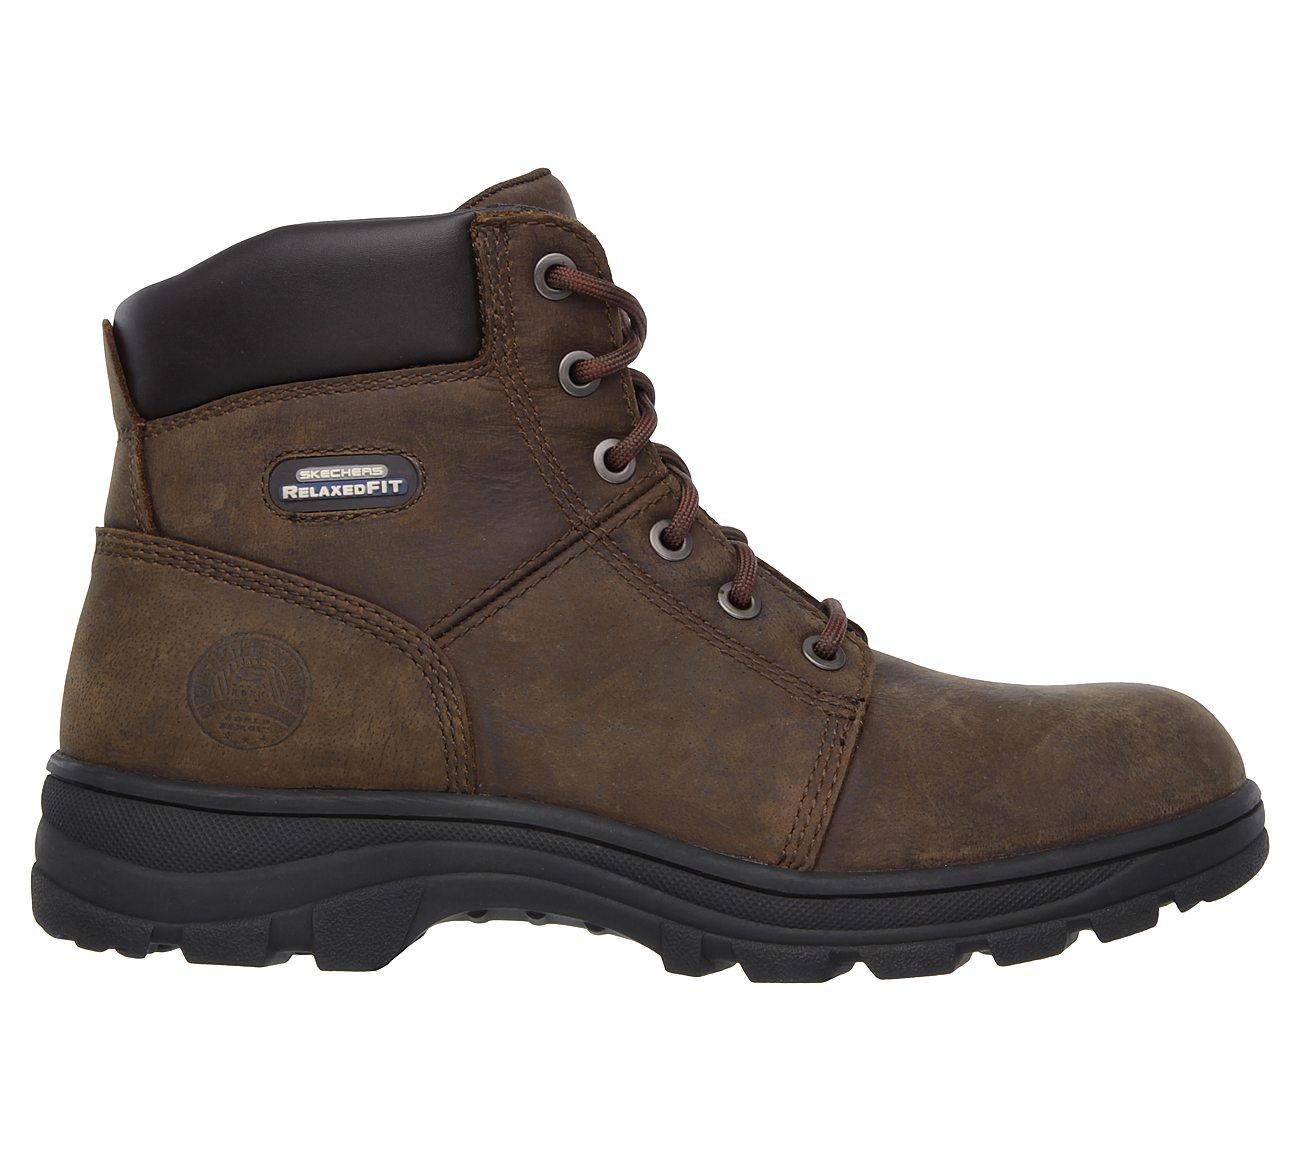 اسکچرز/مردانه/کفش کار اسکچرز مردانه WORK: RELAXED FIT - WORKSHIRE ST 77009